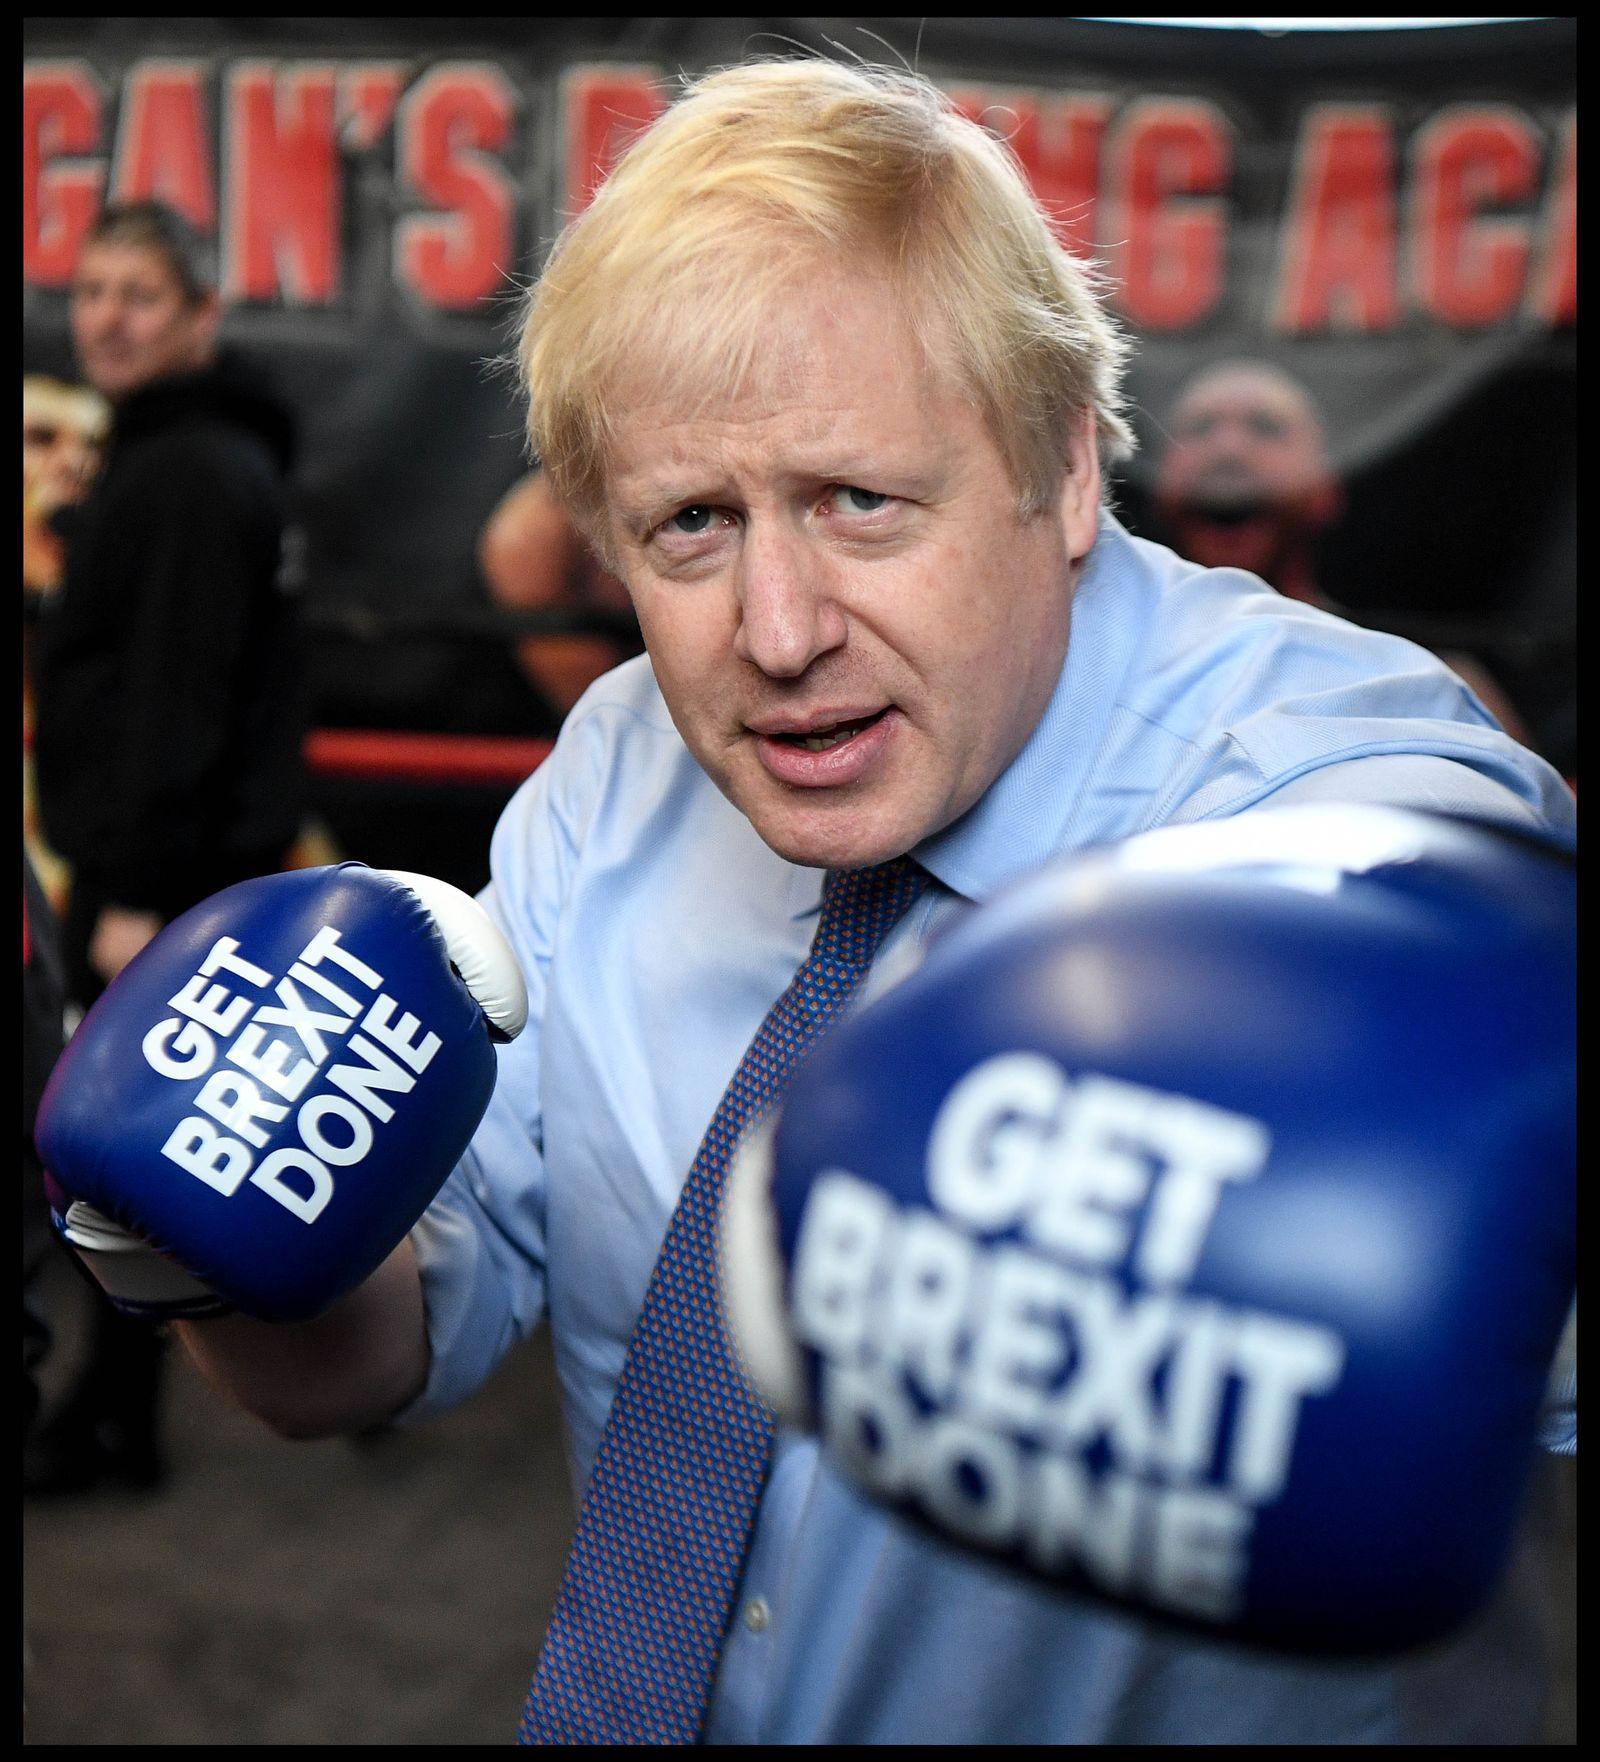 EINMALIGE VERWENDUNG SPIEGEL SP 49/2019 S. 78 Boris Johnson - Labour-Hochburgen